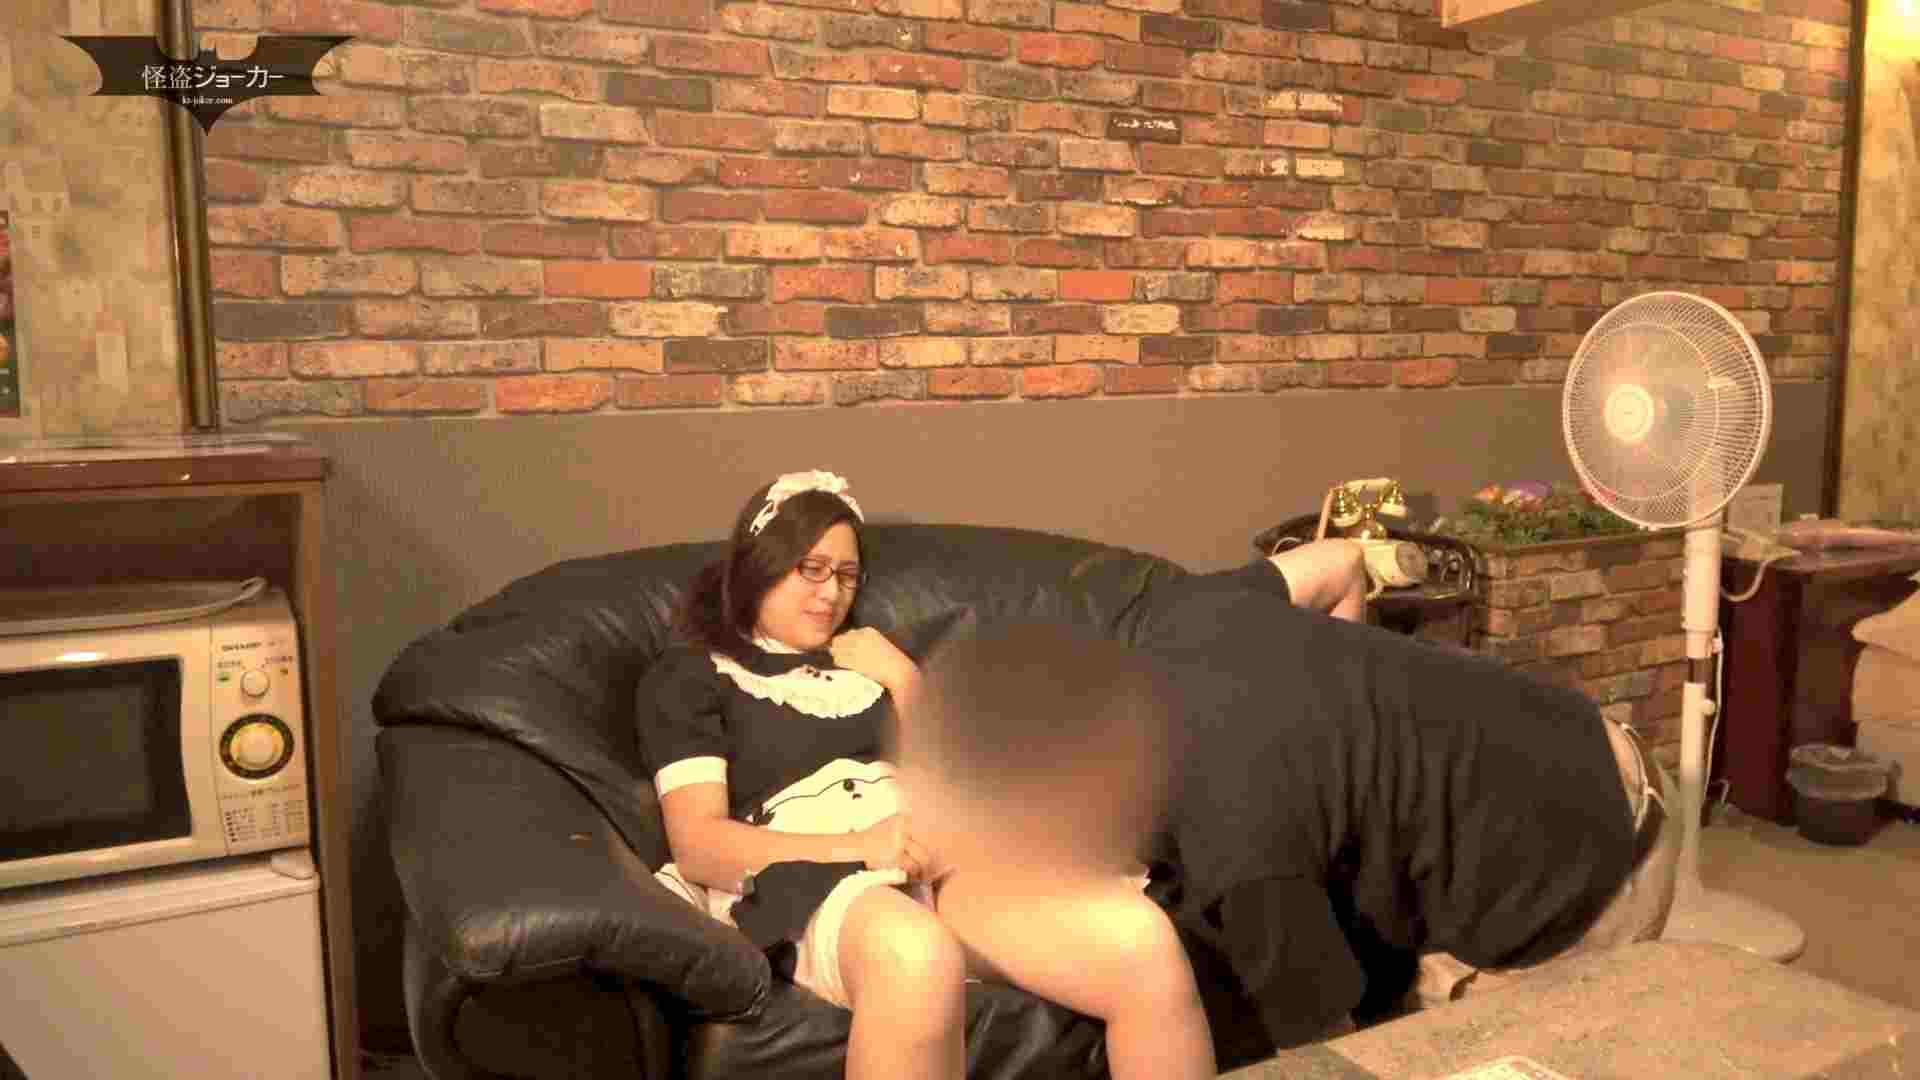 メイドさんの奴隷調教 前編 フェラ動画 SEX無修正画像 67画像 21